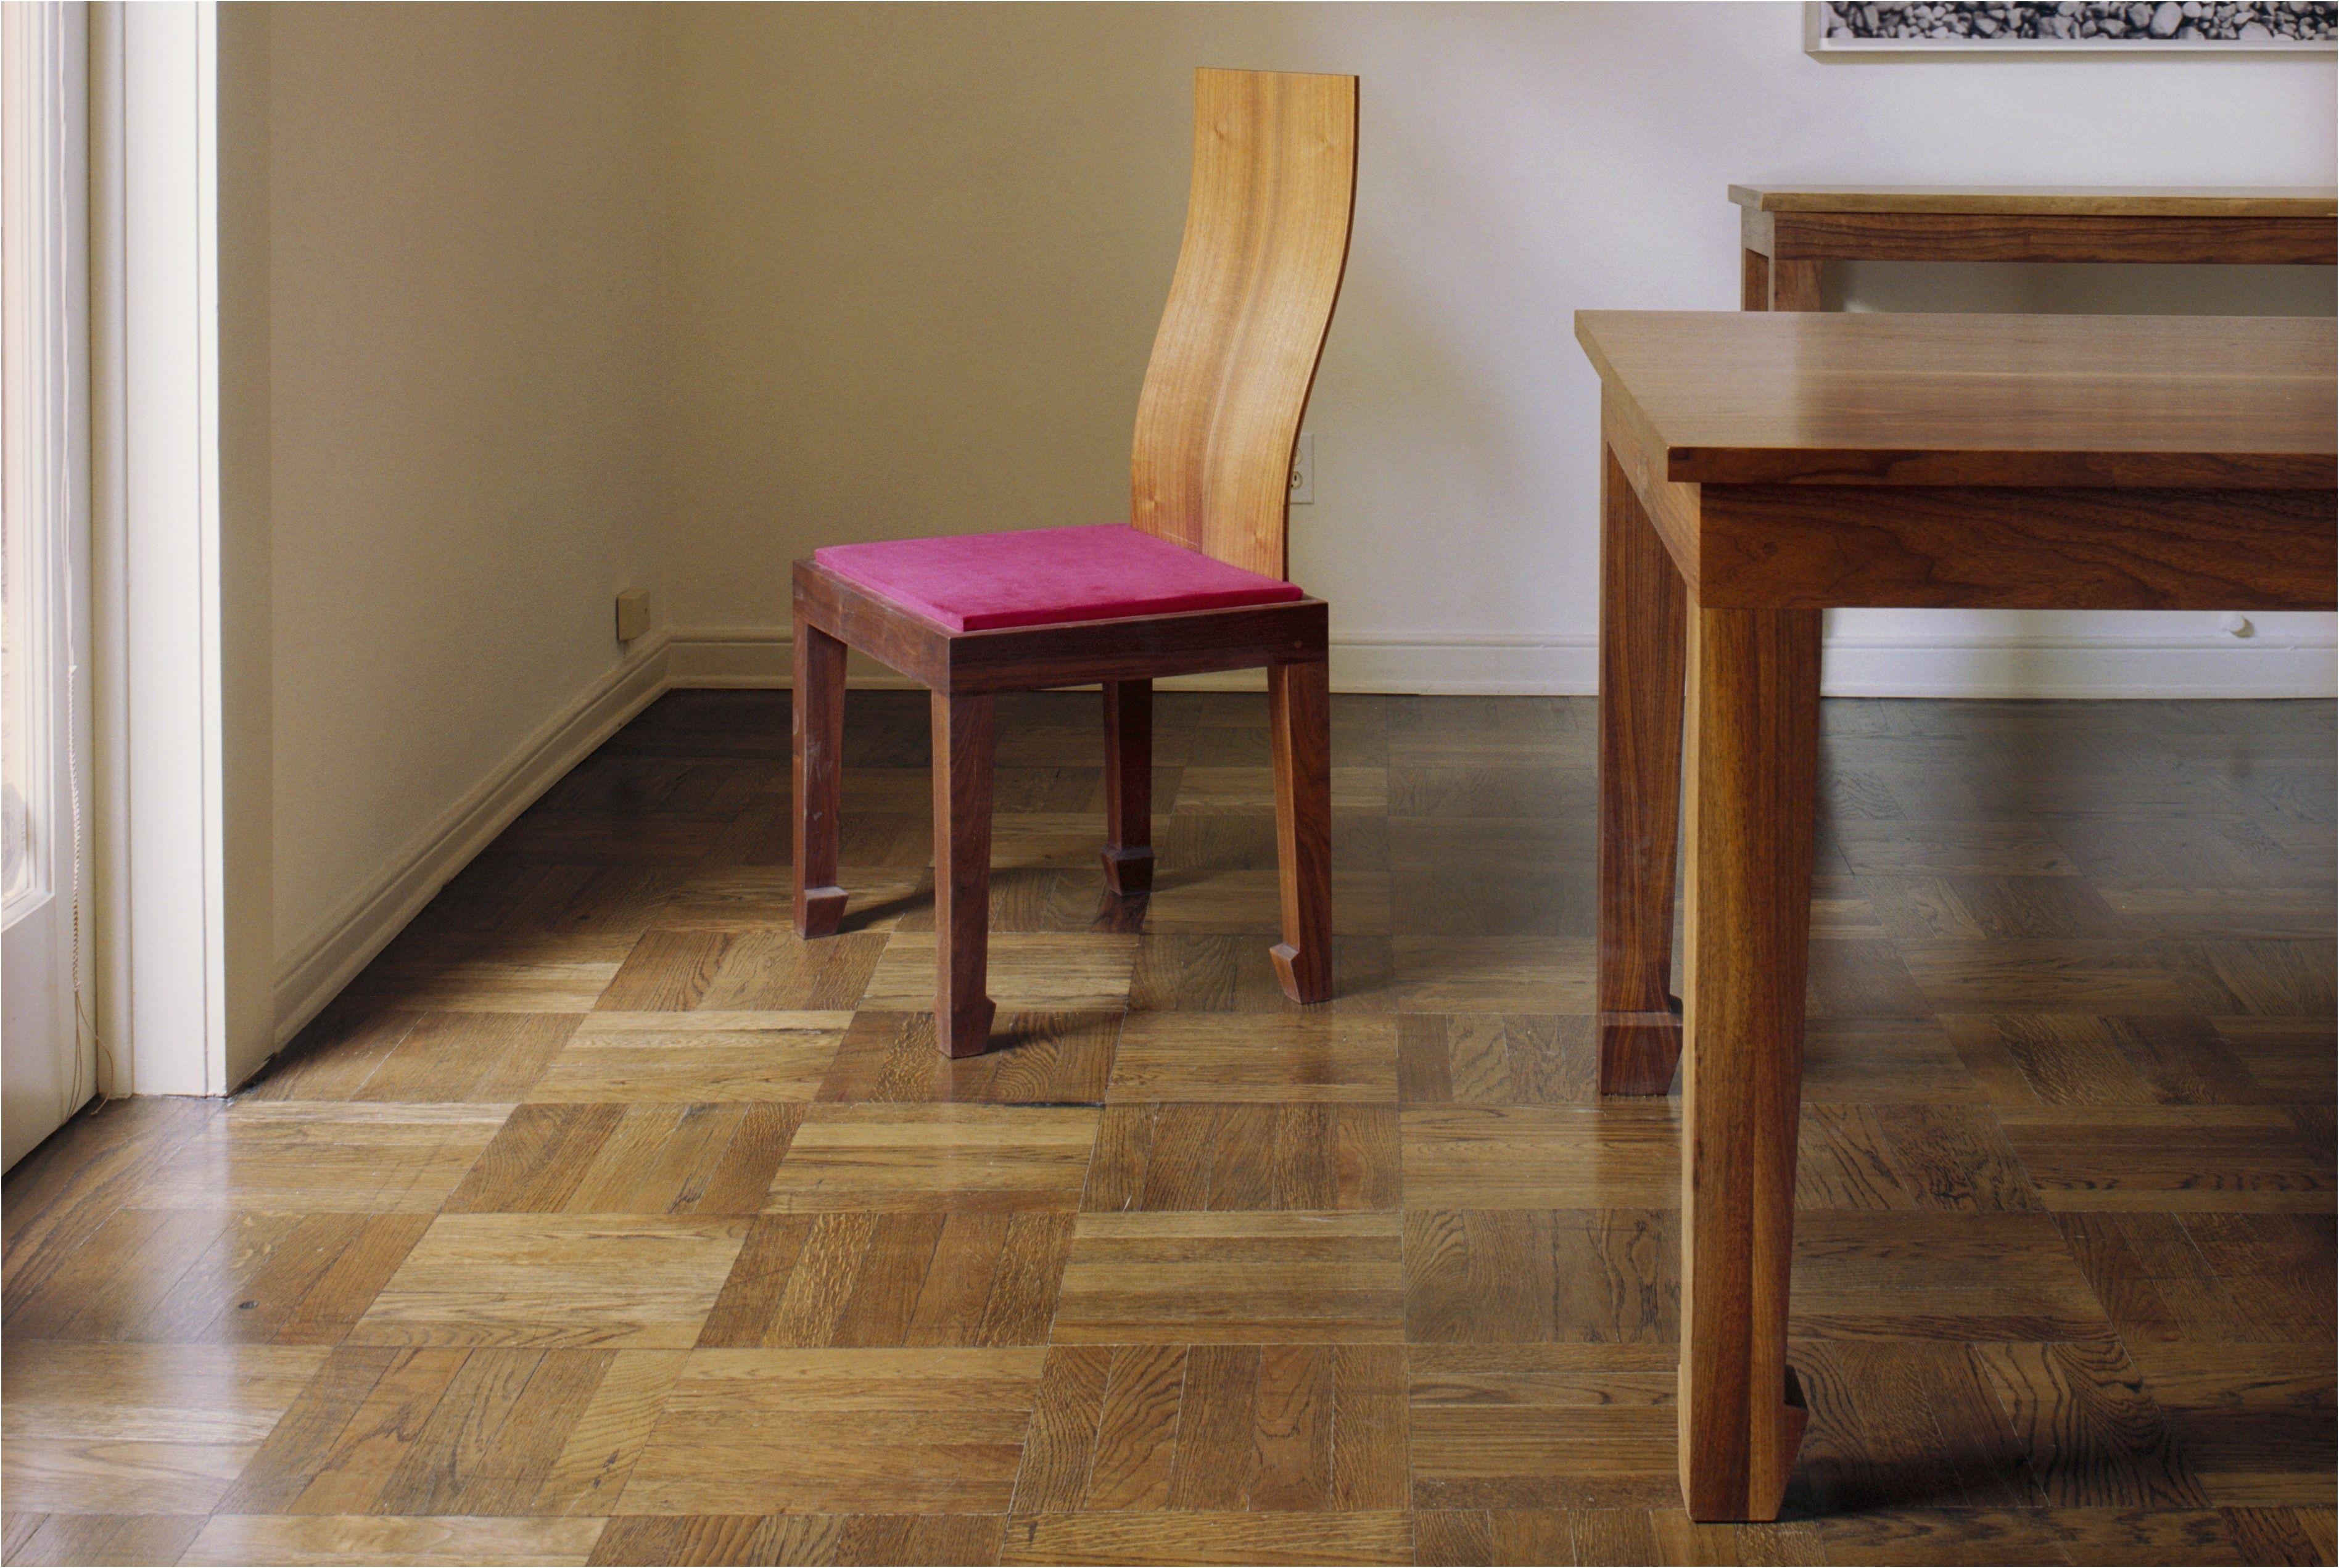 laminate flooring versus hardwood of 16 unique lamett flooring flooring ideas with regard to lamett flooring best of wood laminate flooring vs hardwood beautiful naturalny dub od of 16 unique